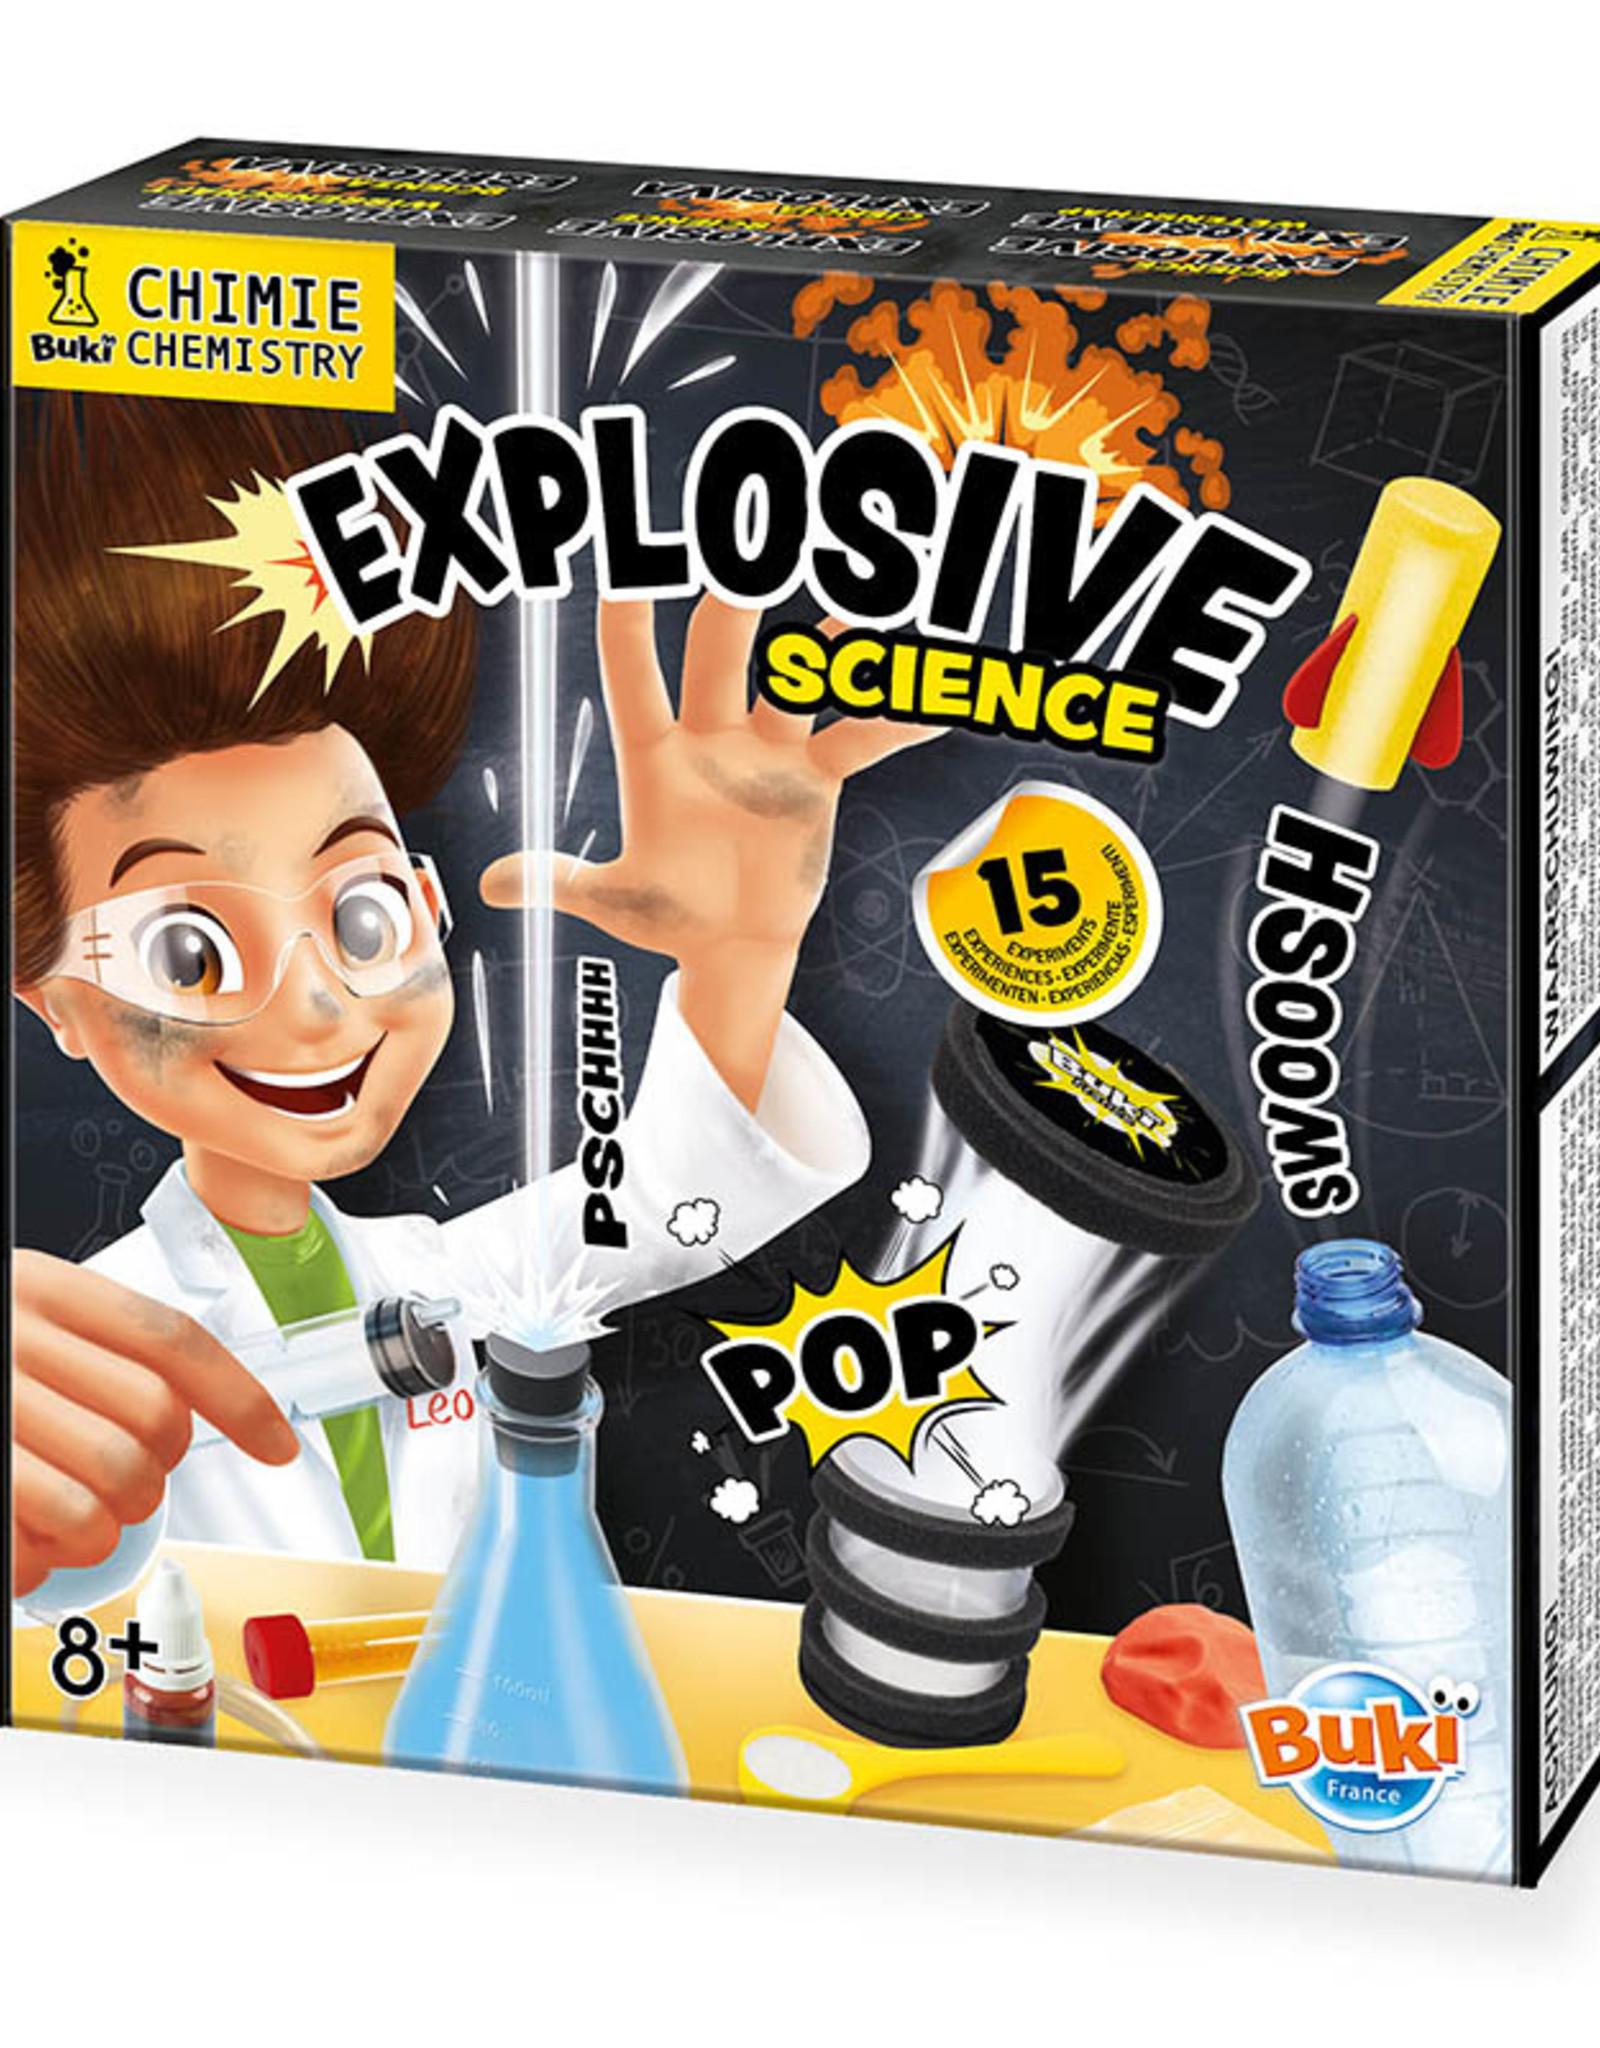 Buki Explosive Science